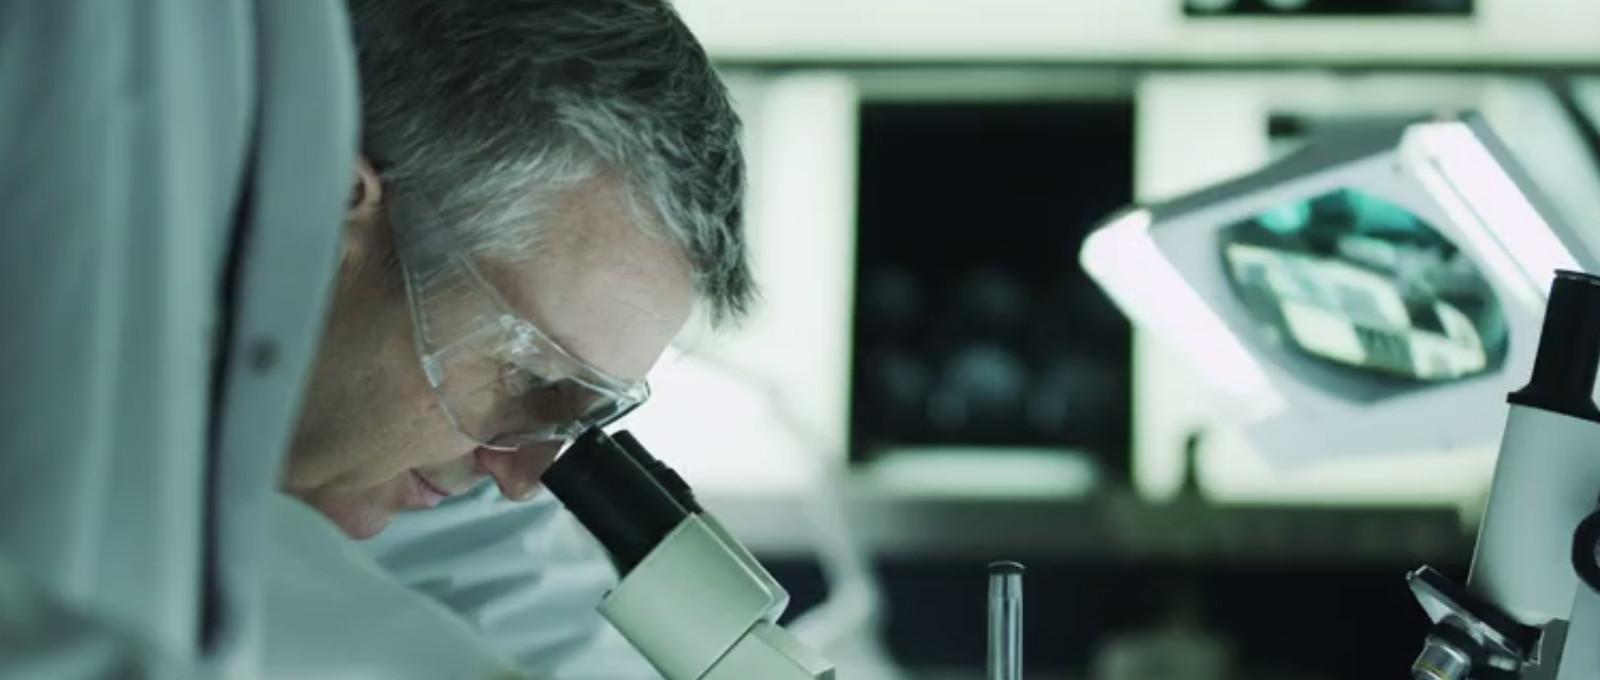 Atrys Health prevé aumentar capital en más de 3 millones de euros